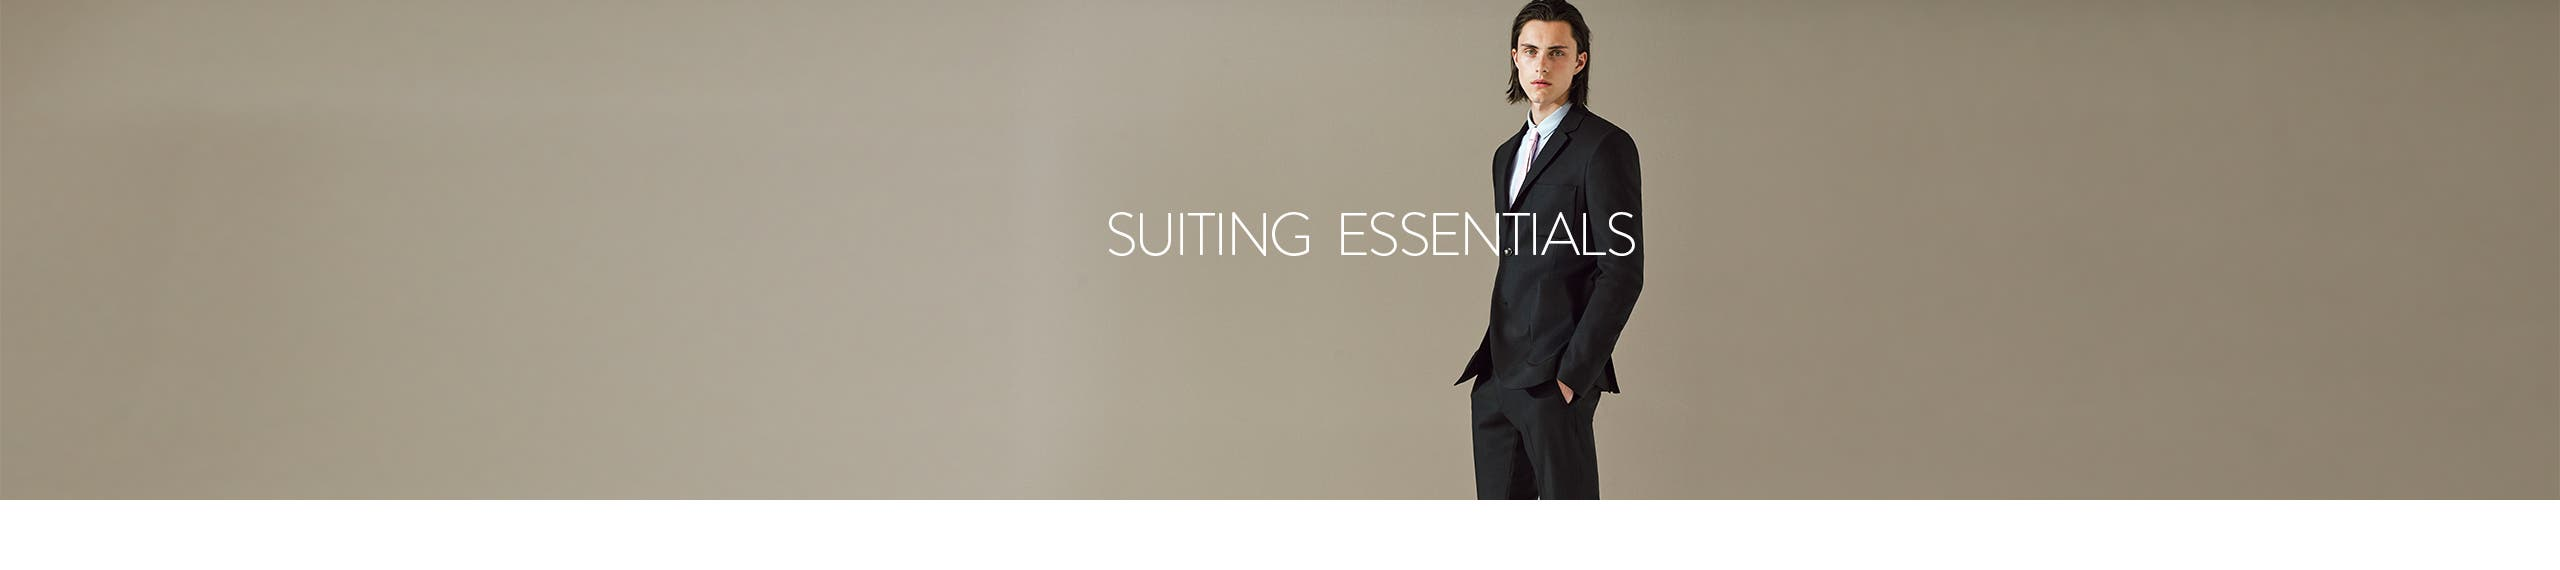 Topman suiting essentials.